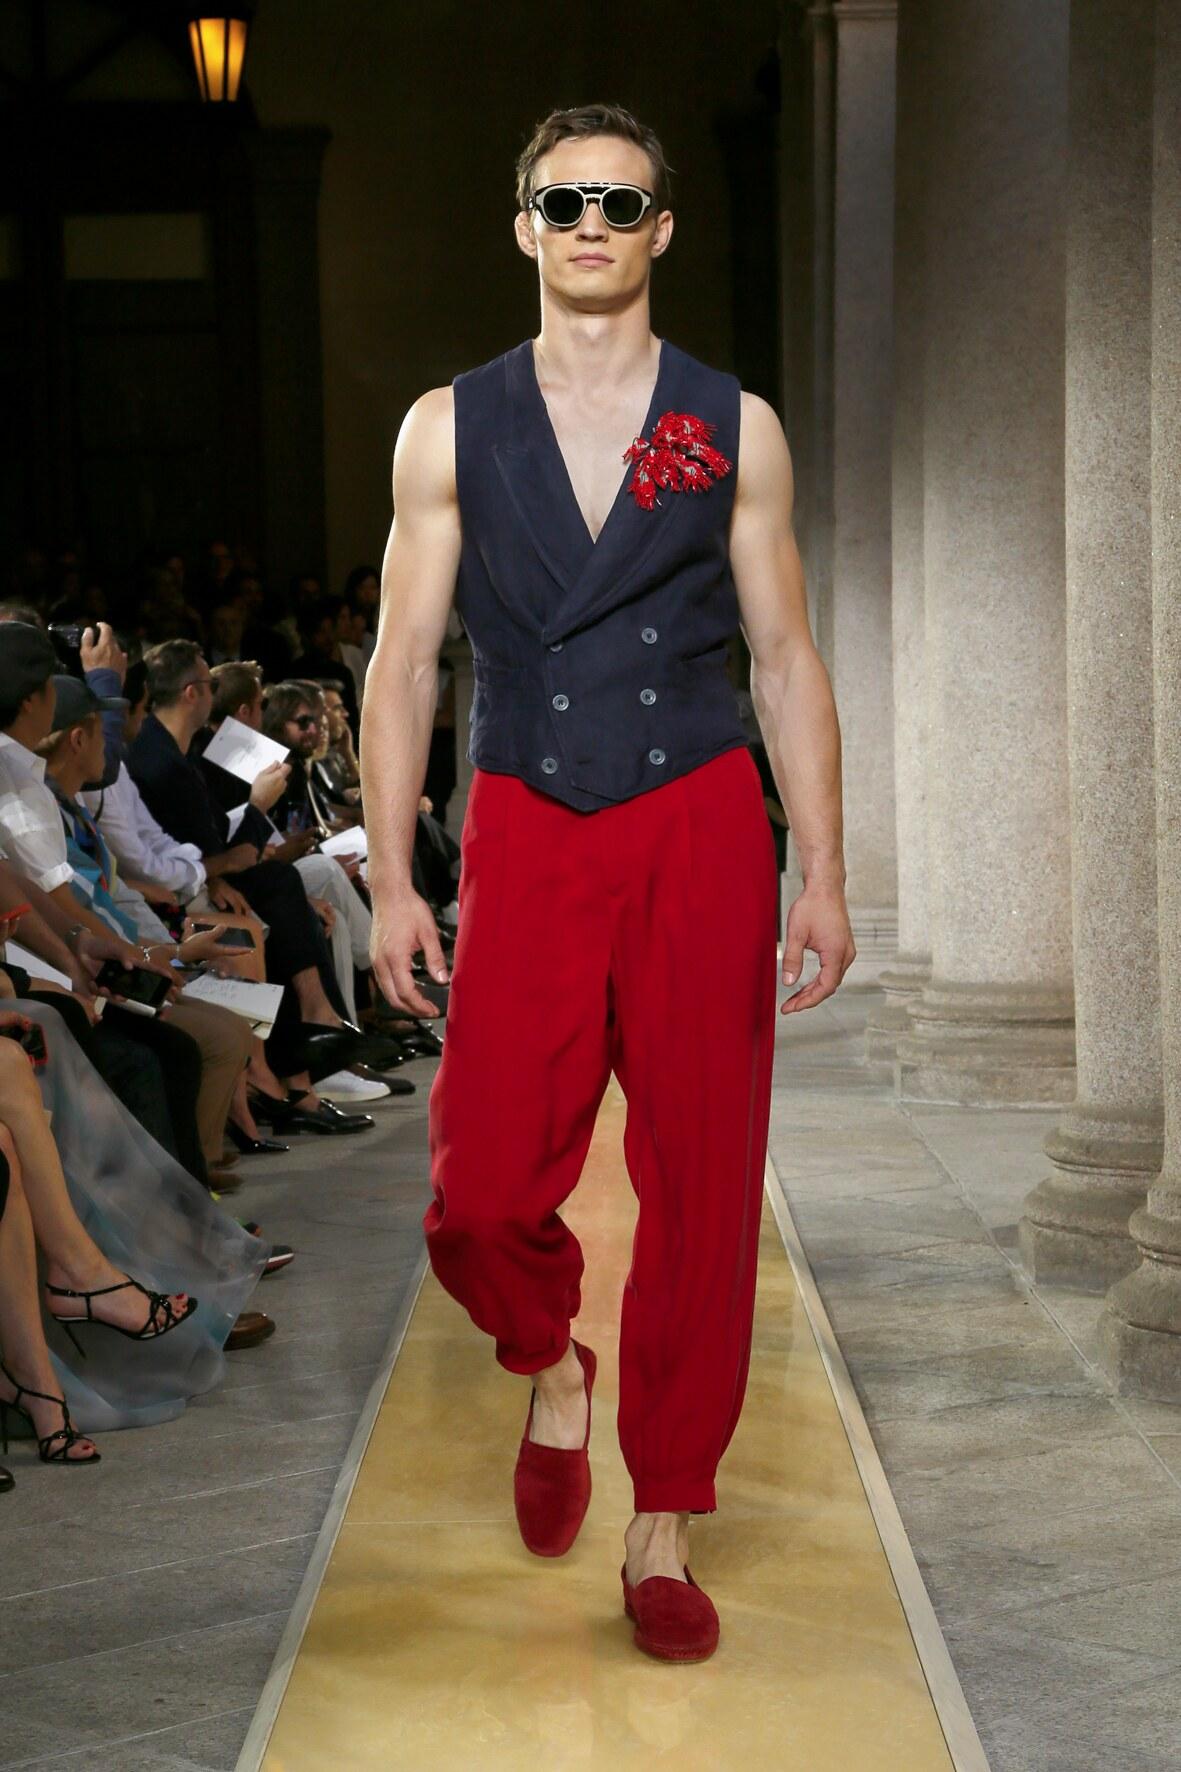 Fashion Trends 2020 Catwalk Giorgio Armani Summer Men's Collection